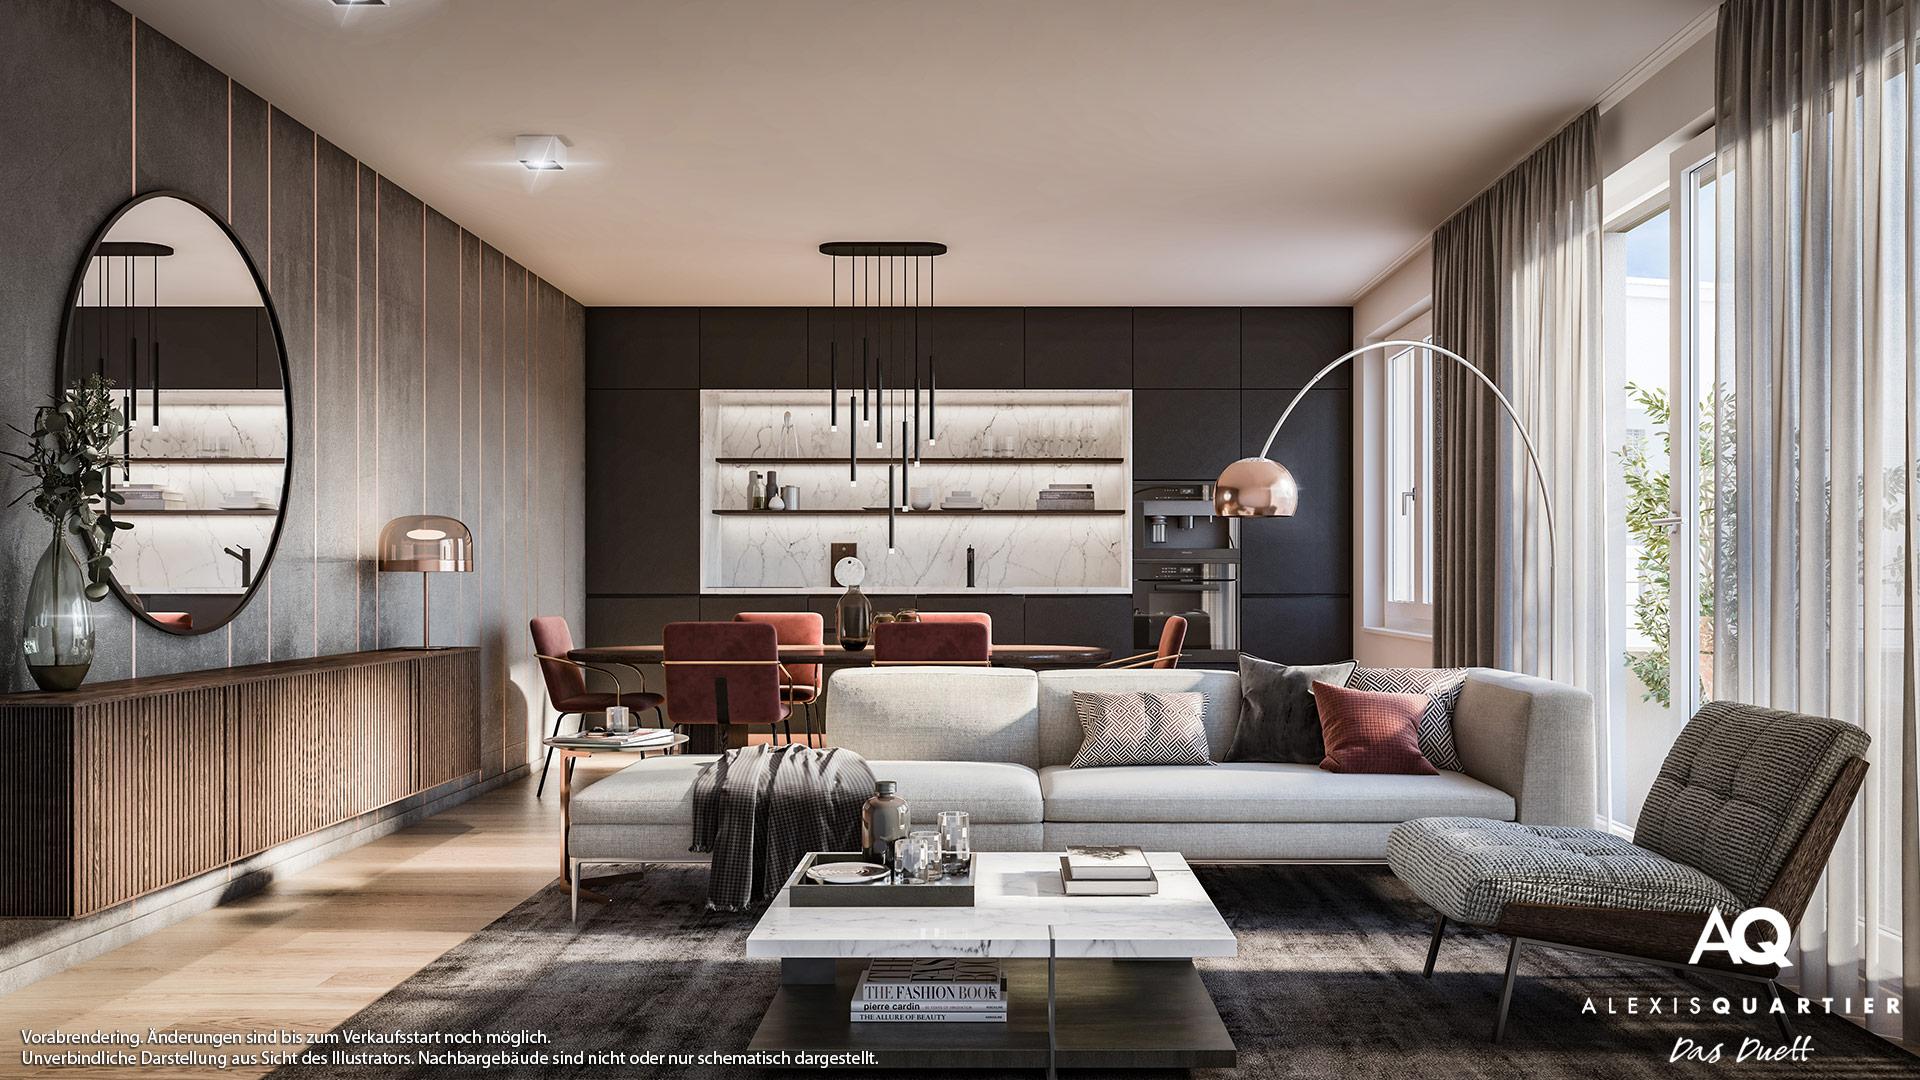 Property Alexisquartier - Das Duett - preannouncement - Illustration 3